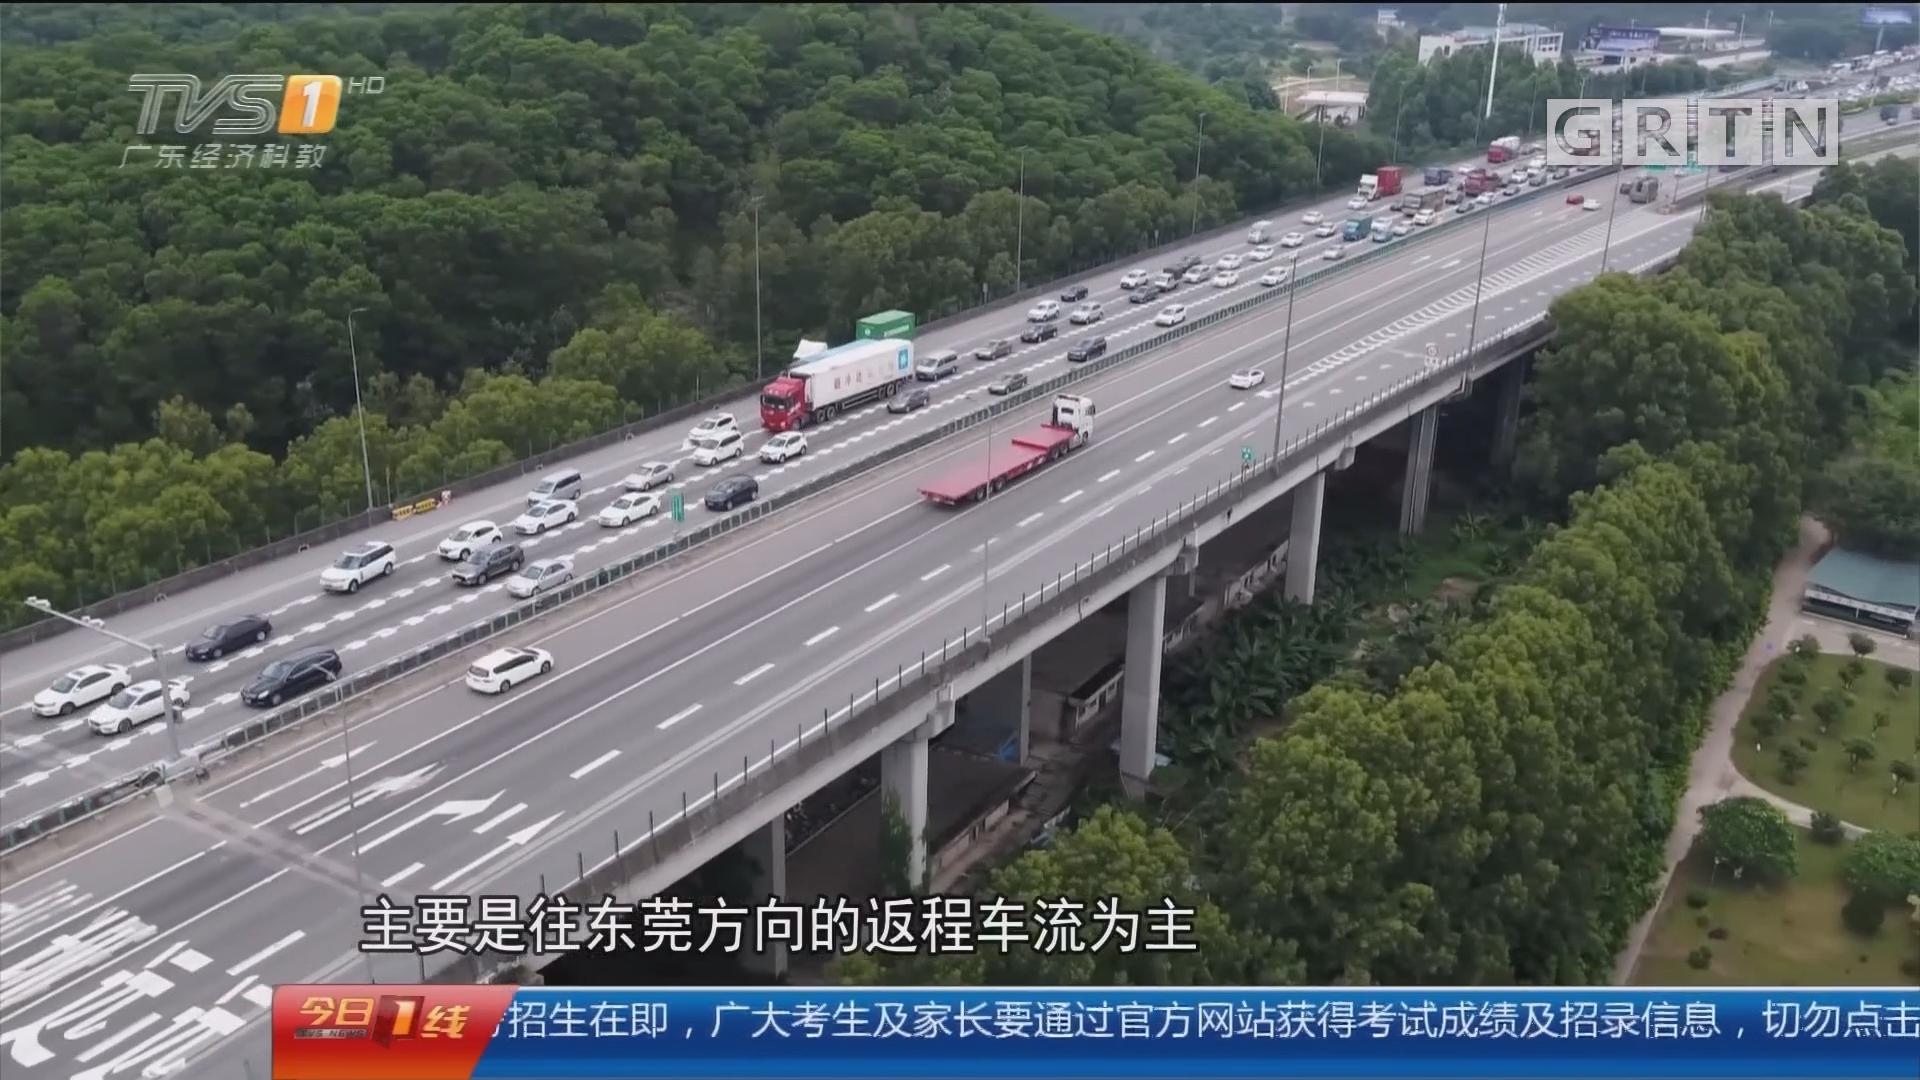 端午小长假出行路况:虎门大桥 记者开车实测航拍堵车 车流缓慢